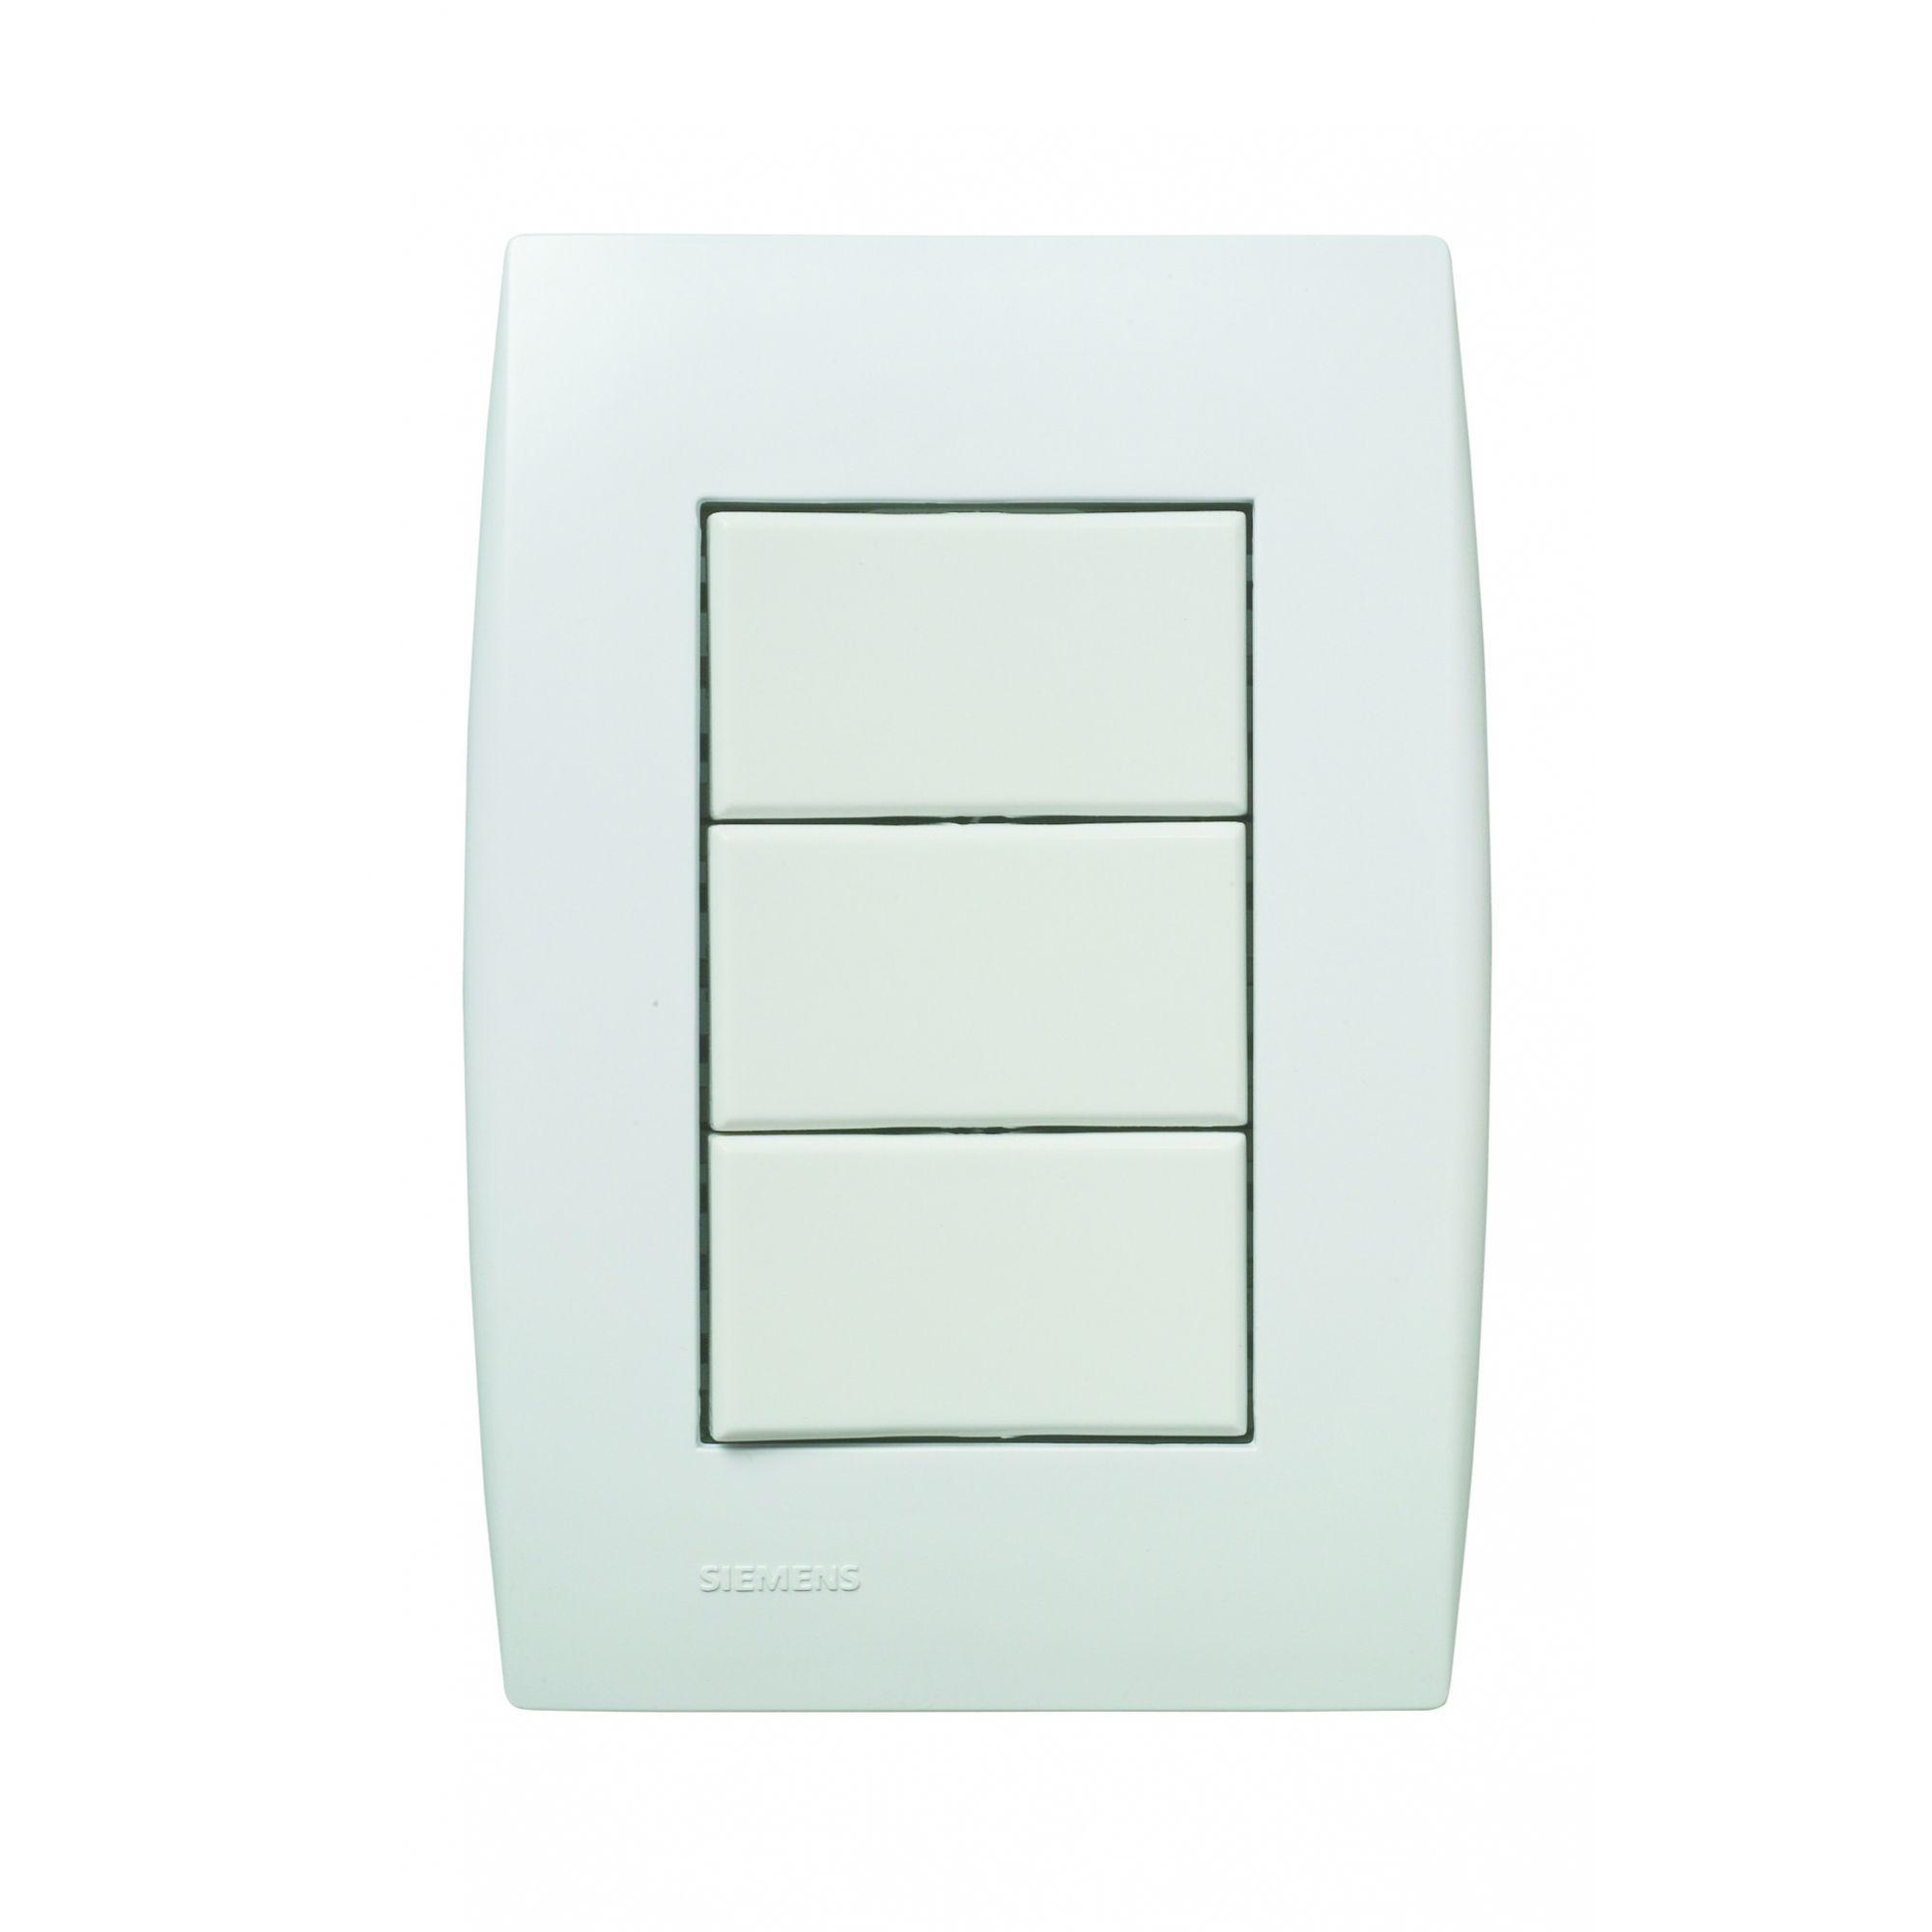 3 Interruptores Simples – Ilus 5TA9 9051 - Siemens